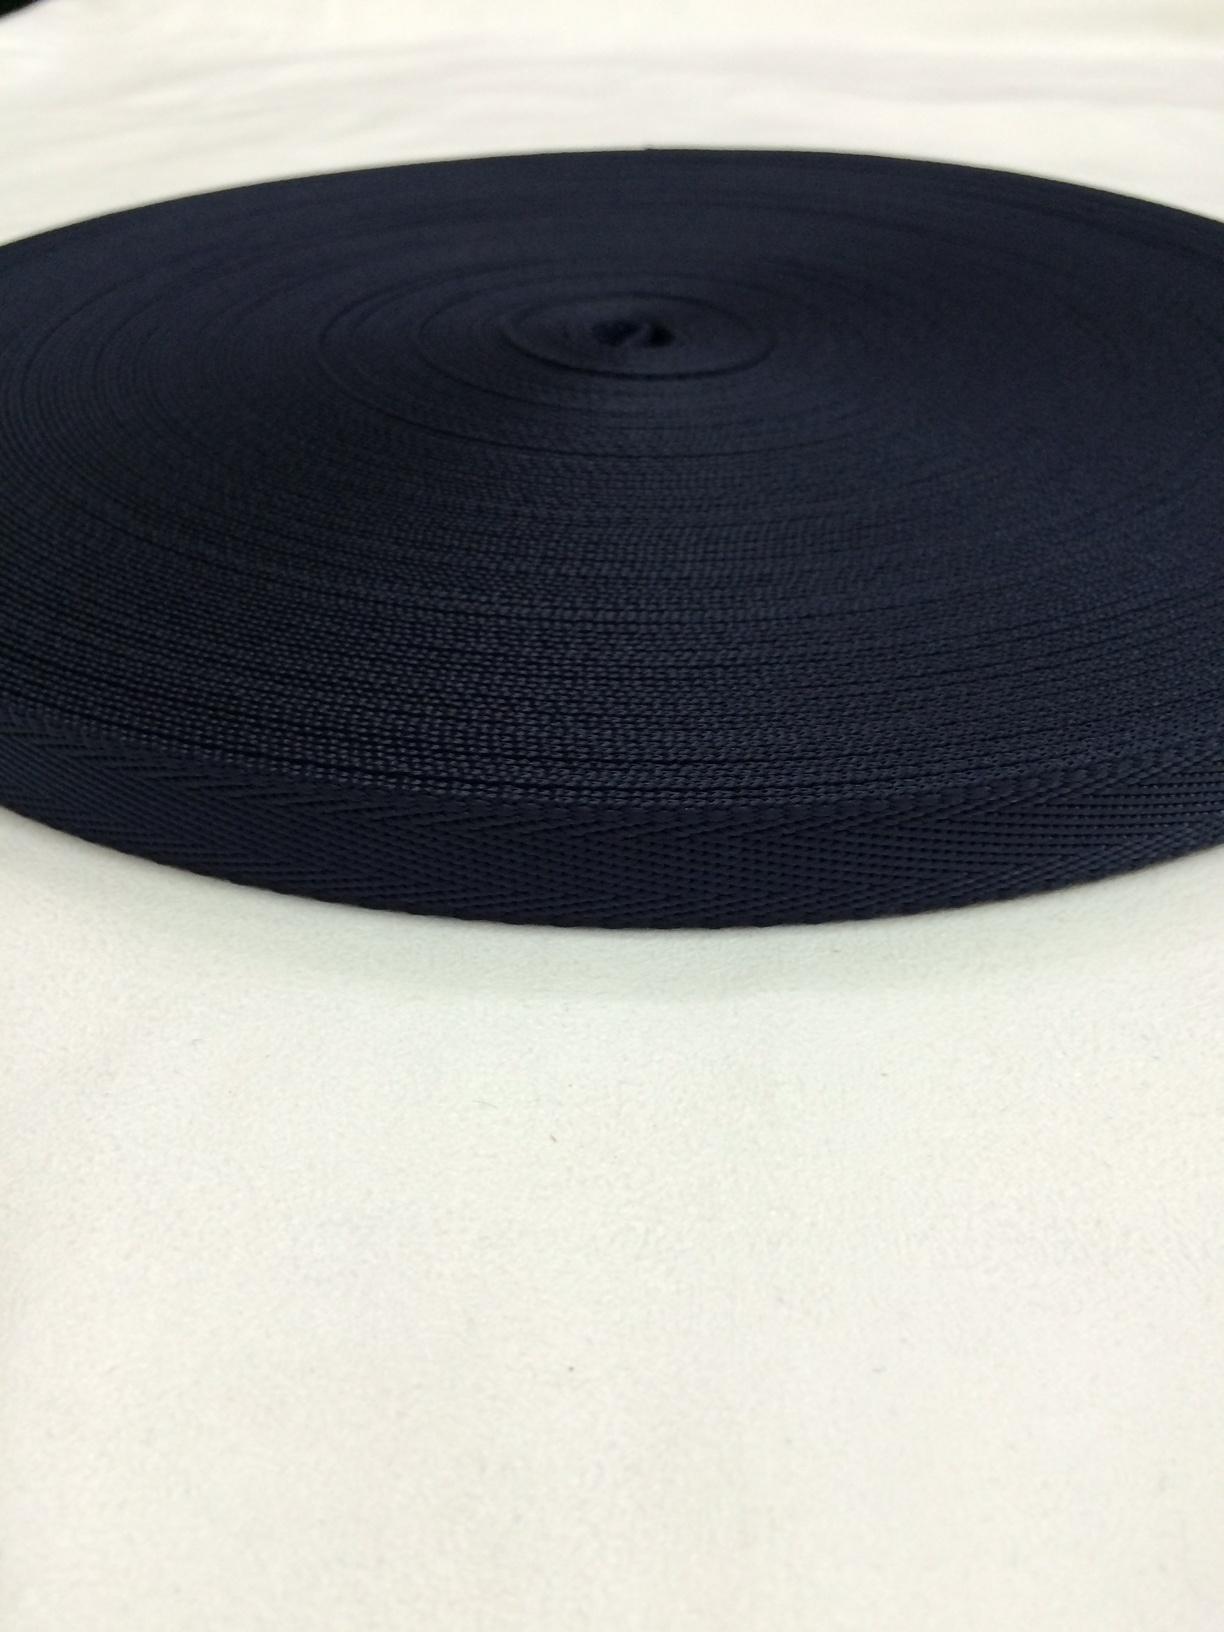 ナイロンシート織 15mm幅 1.3mm厚 カラー(黒以外) 5m